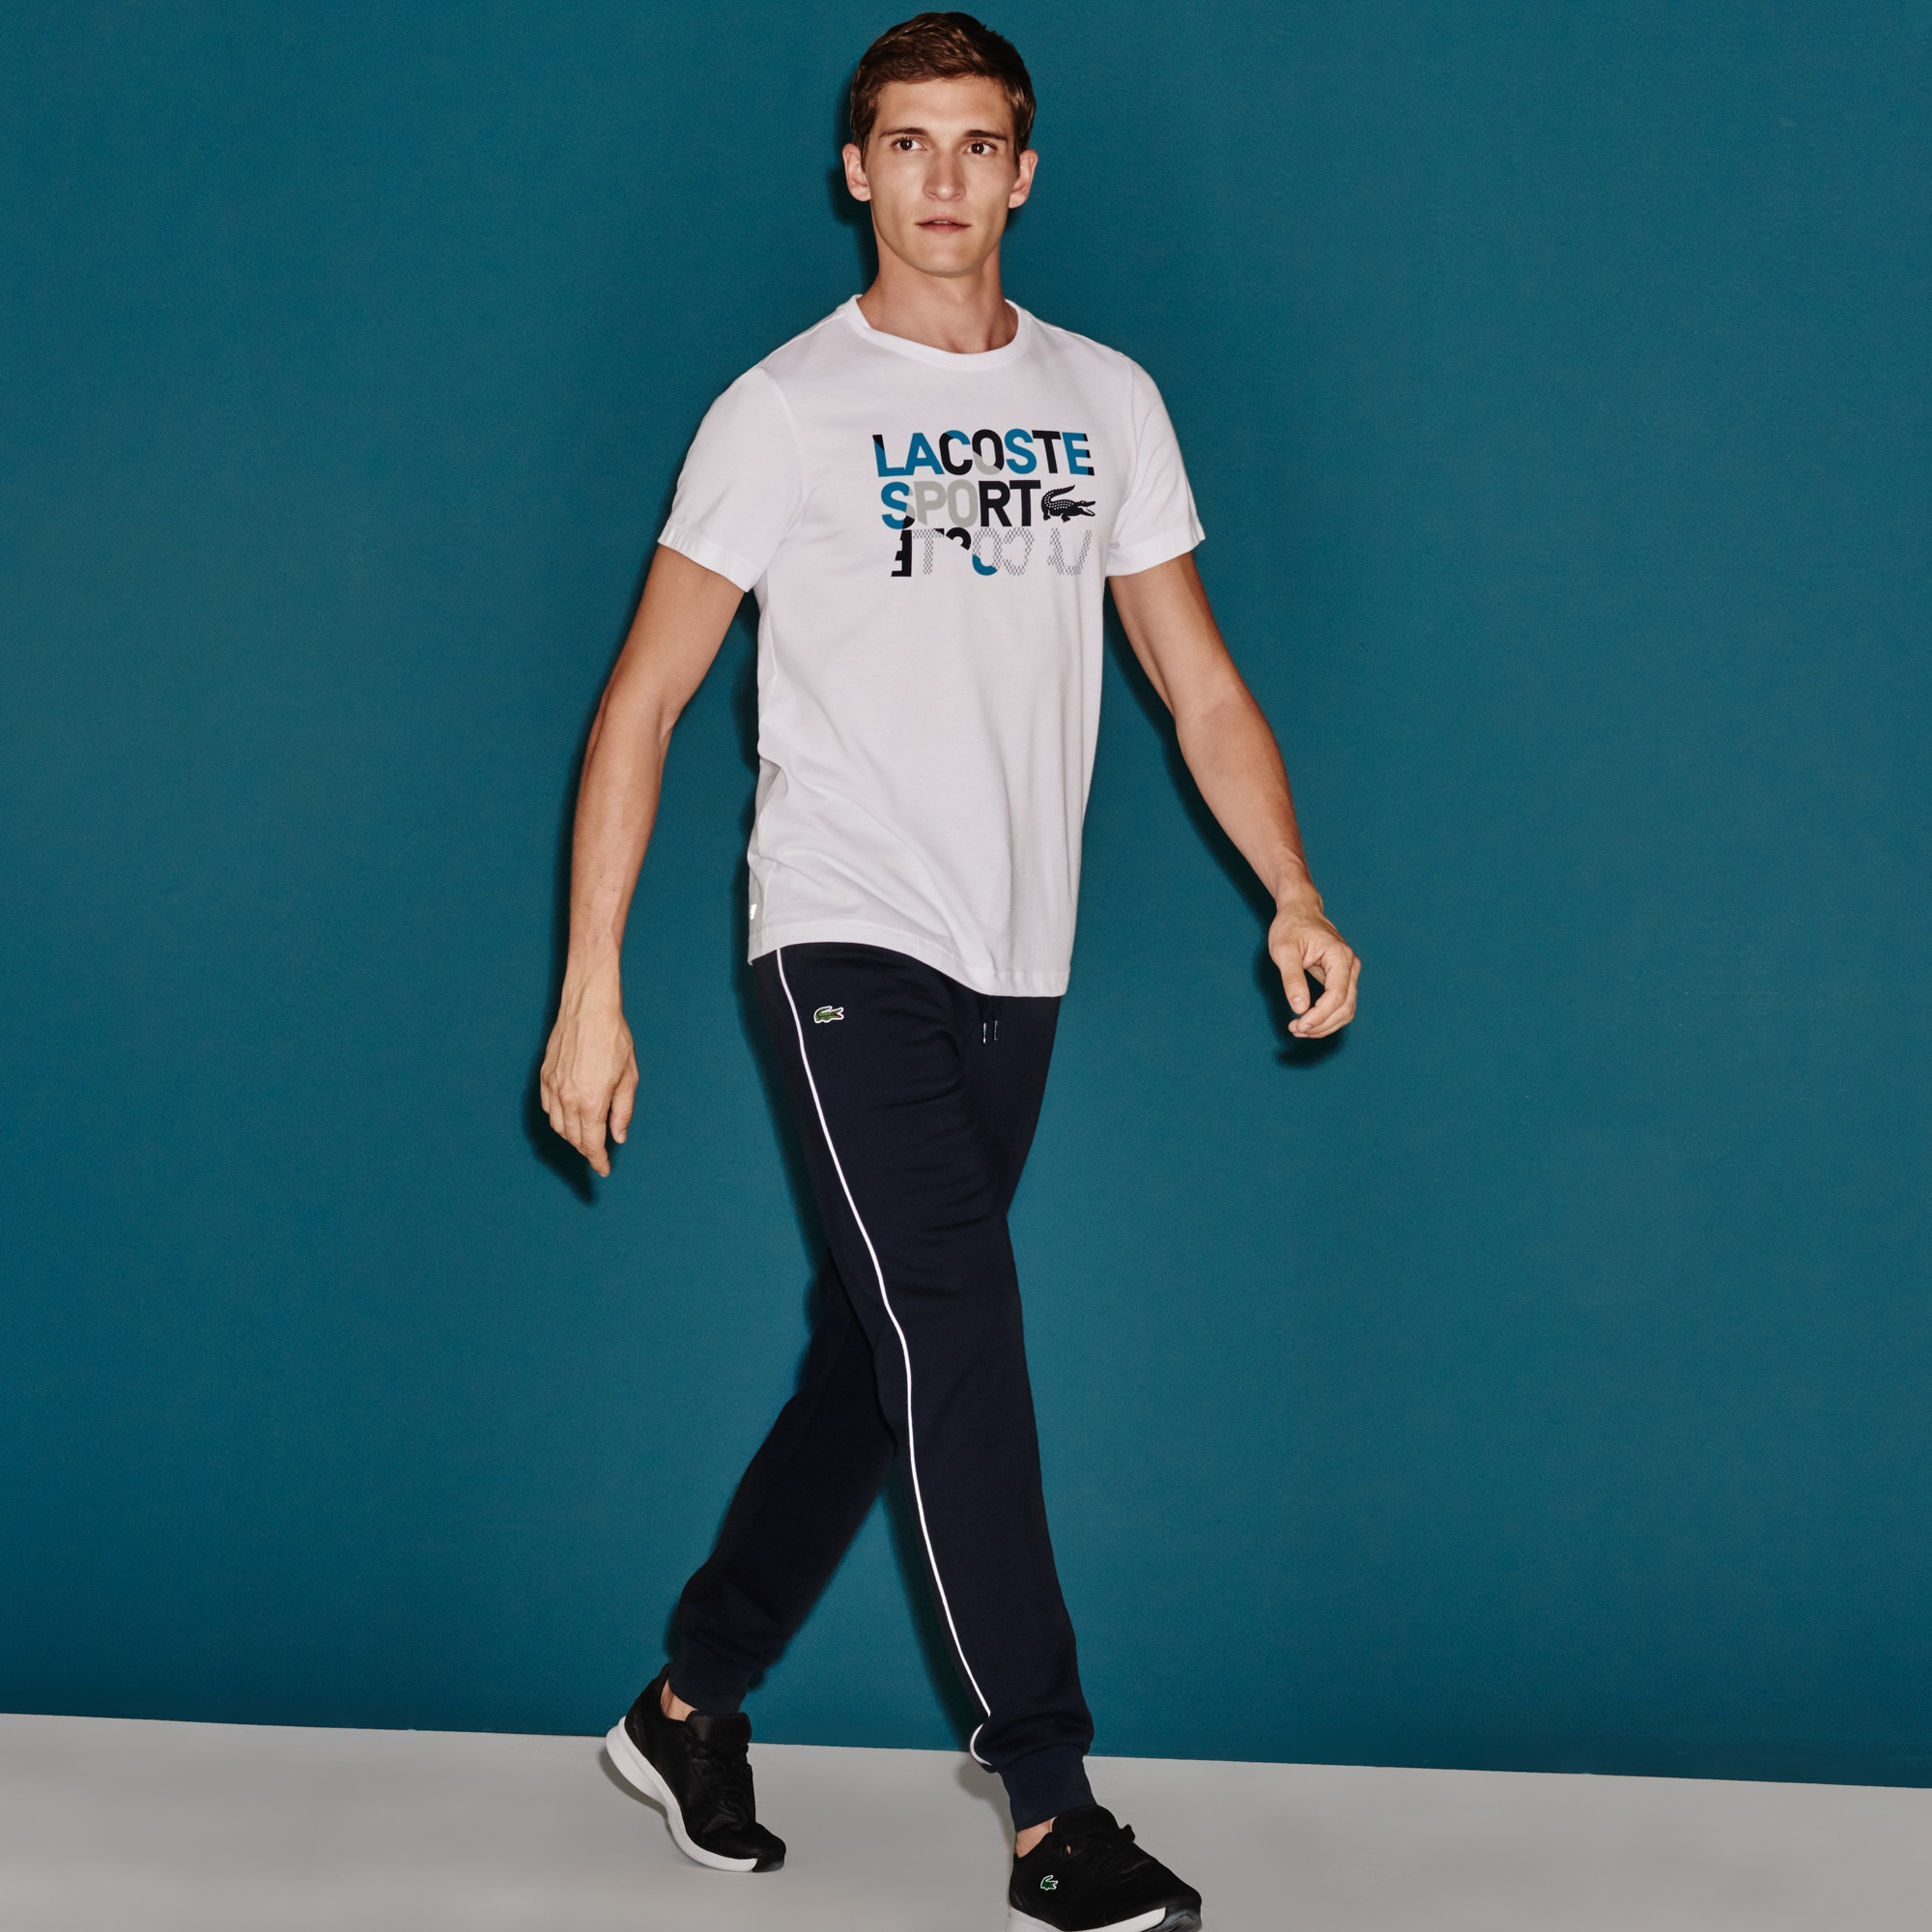 Pantalone tuta Tennis Lacoste SPORT in mollettone con bordino